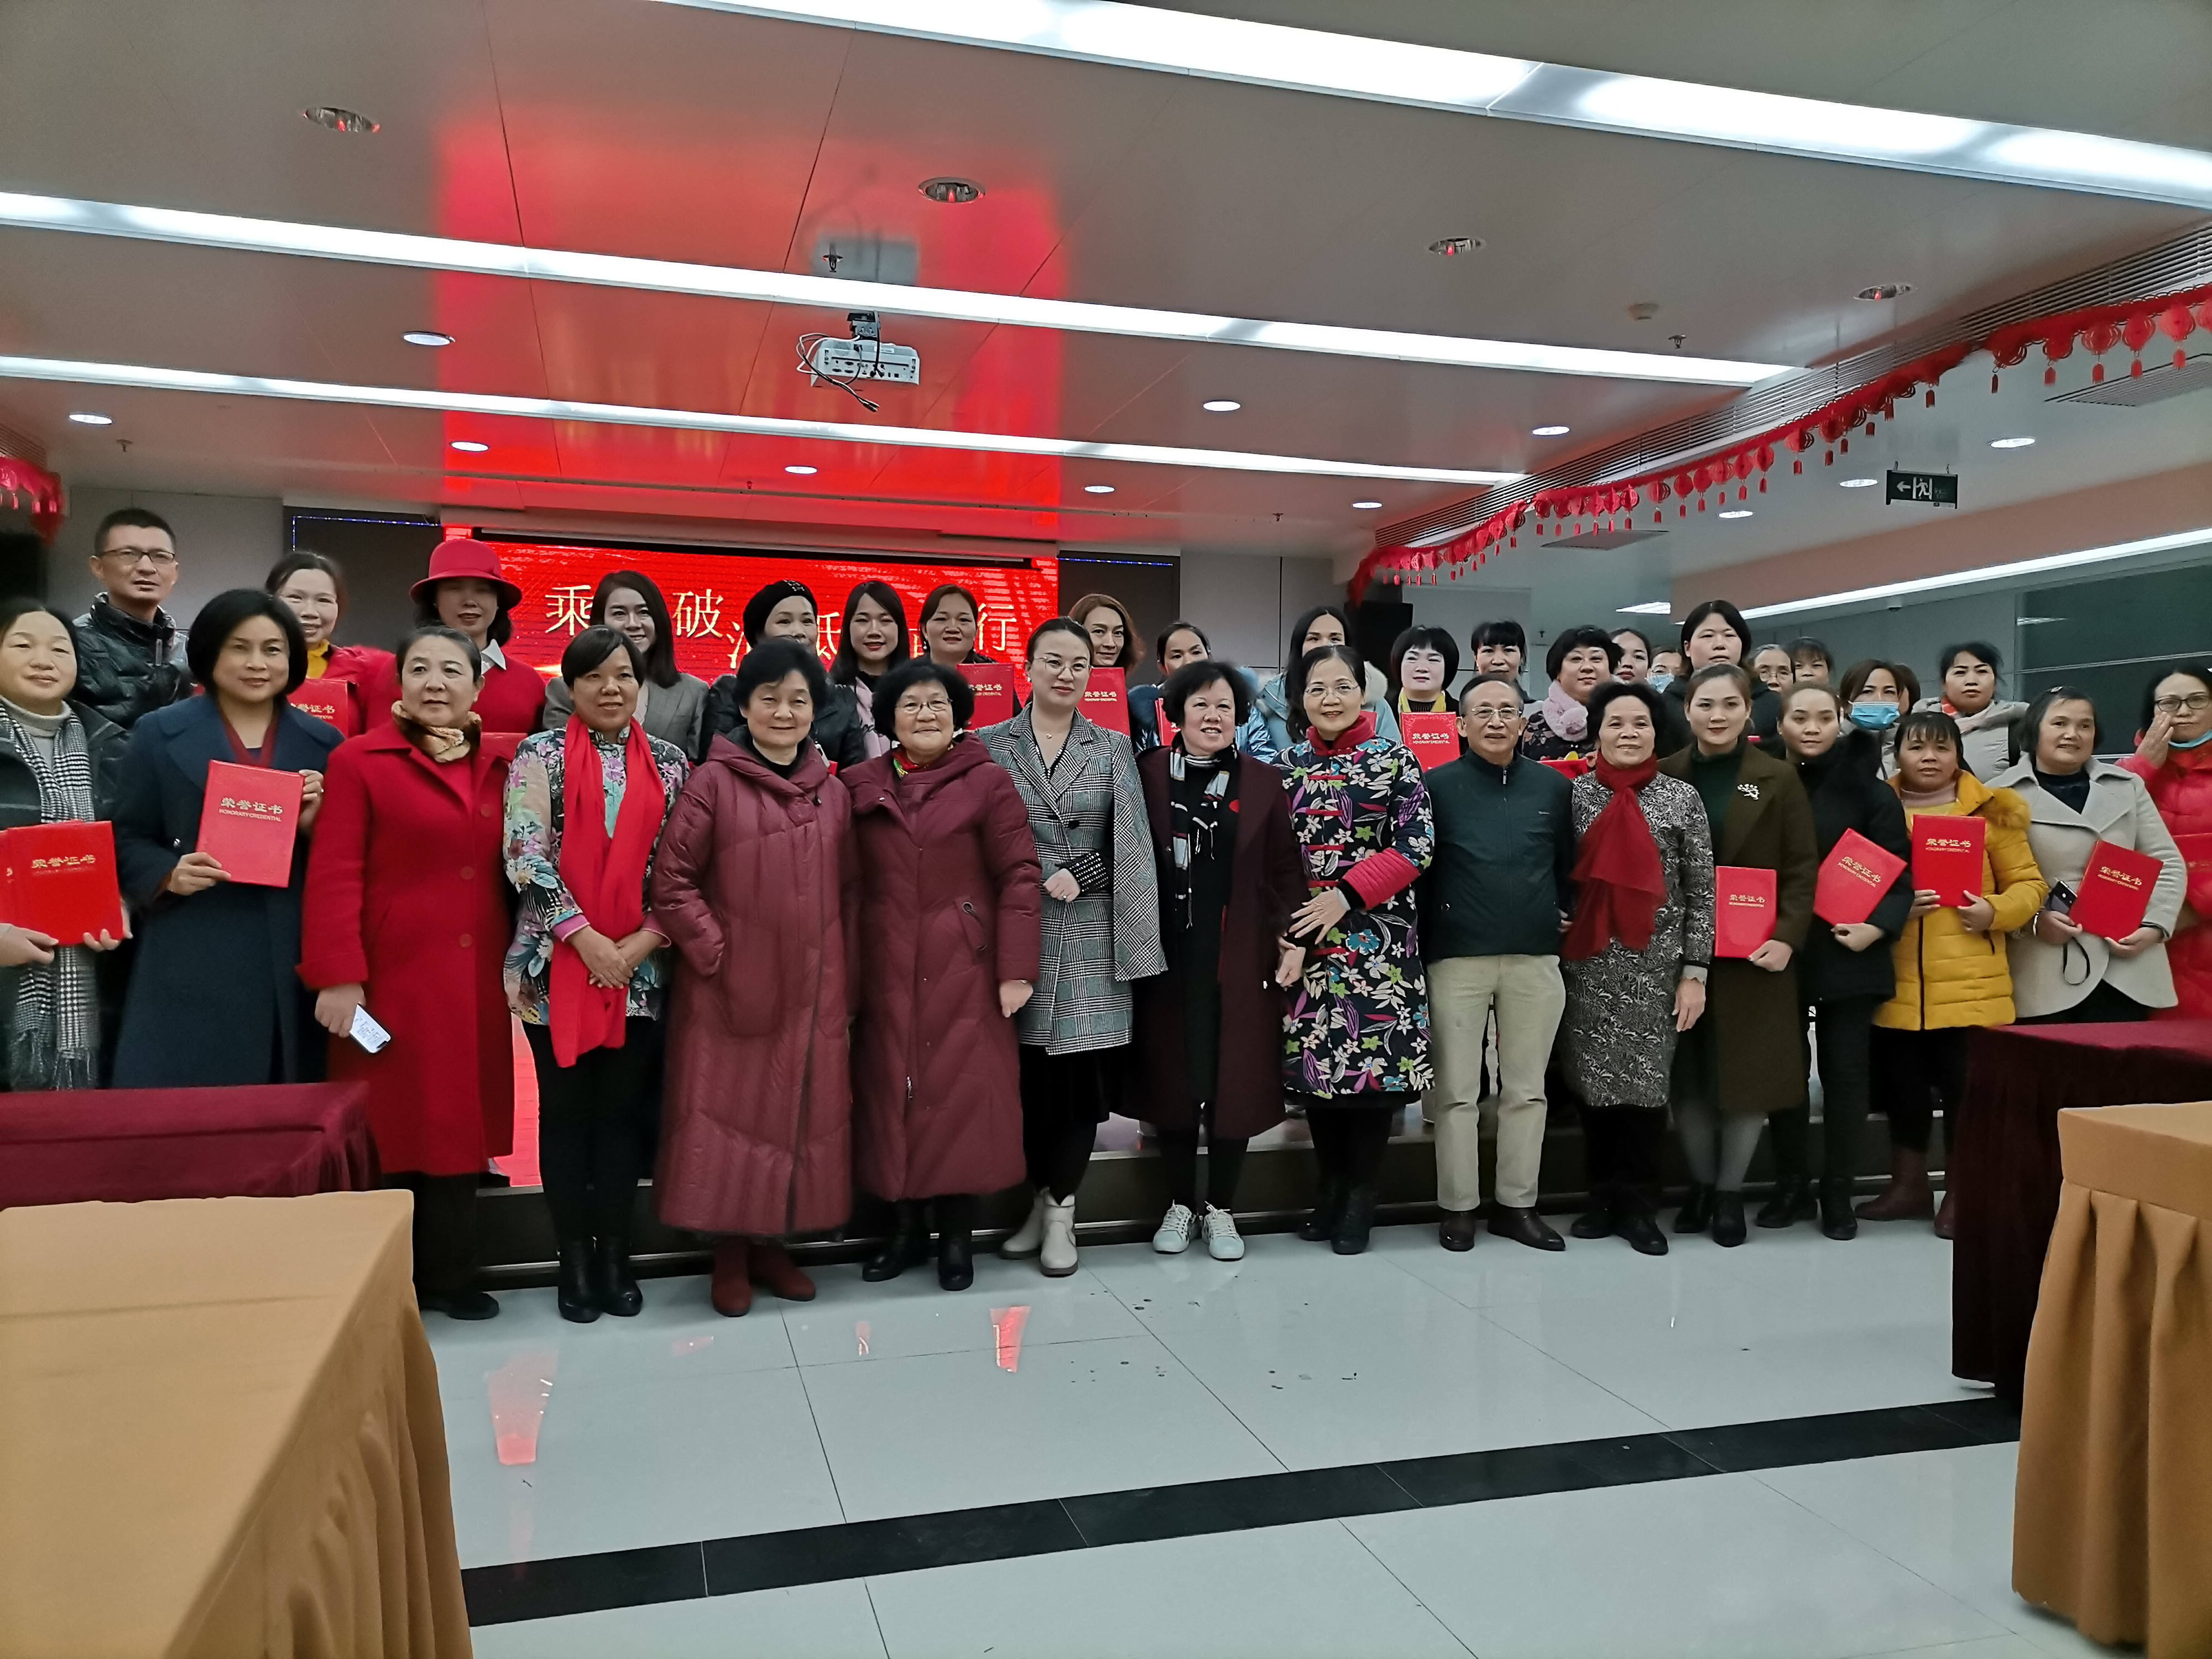 广西nba劲爆体育在线直播高清服务行业协会2020年度总结表彰大会圆满结束!